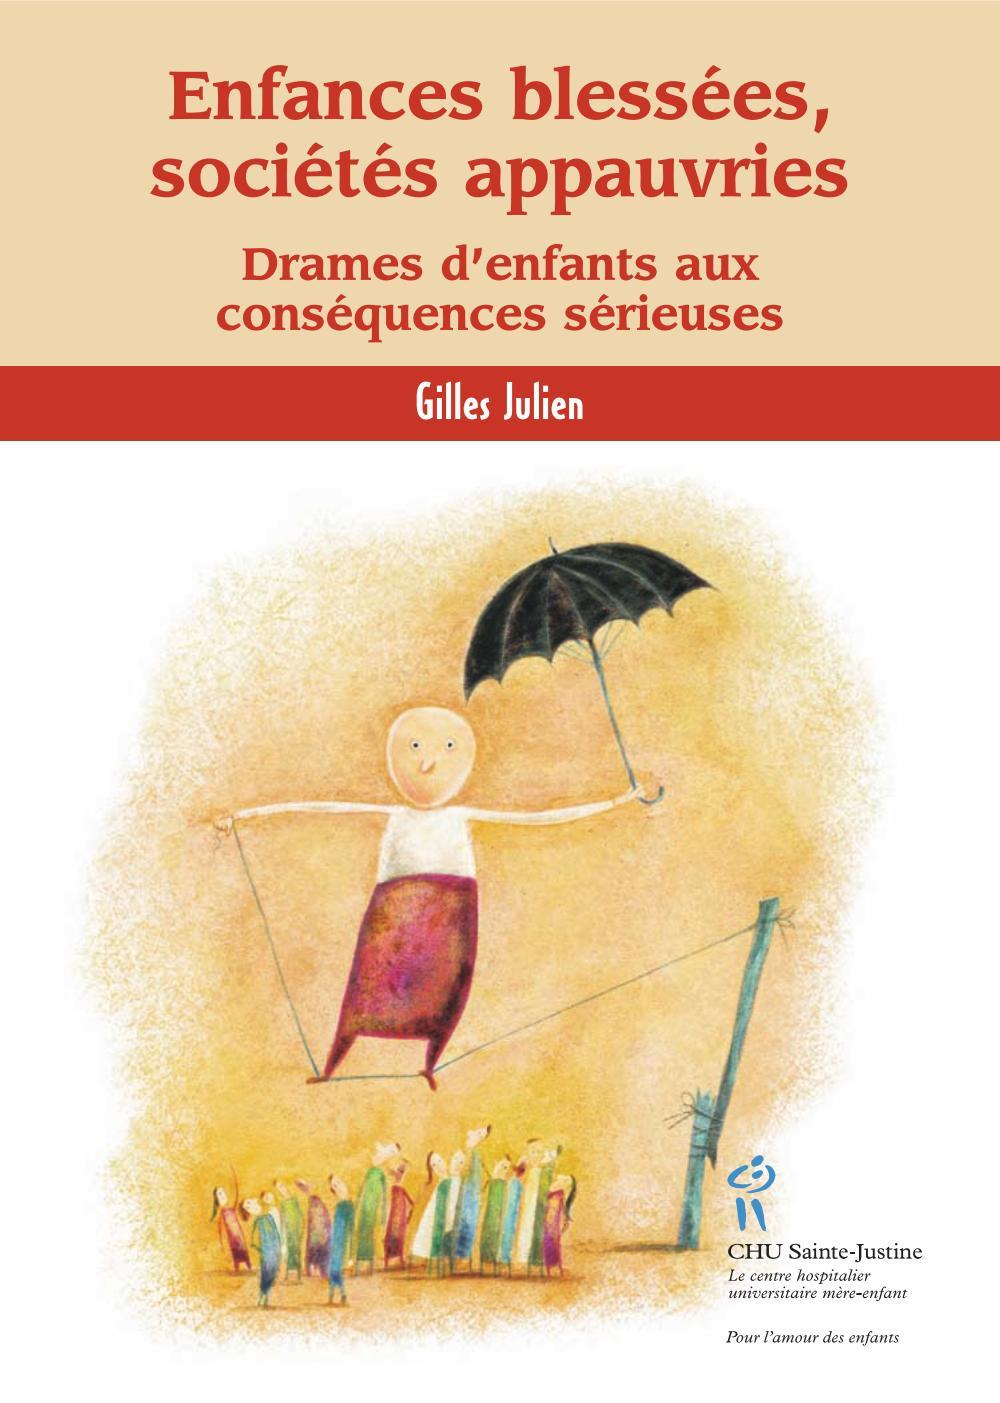 Couverture : Enfances blessées, sociétés appauvries Gilles Julien